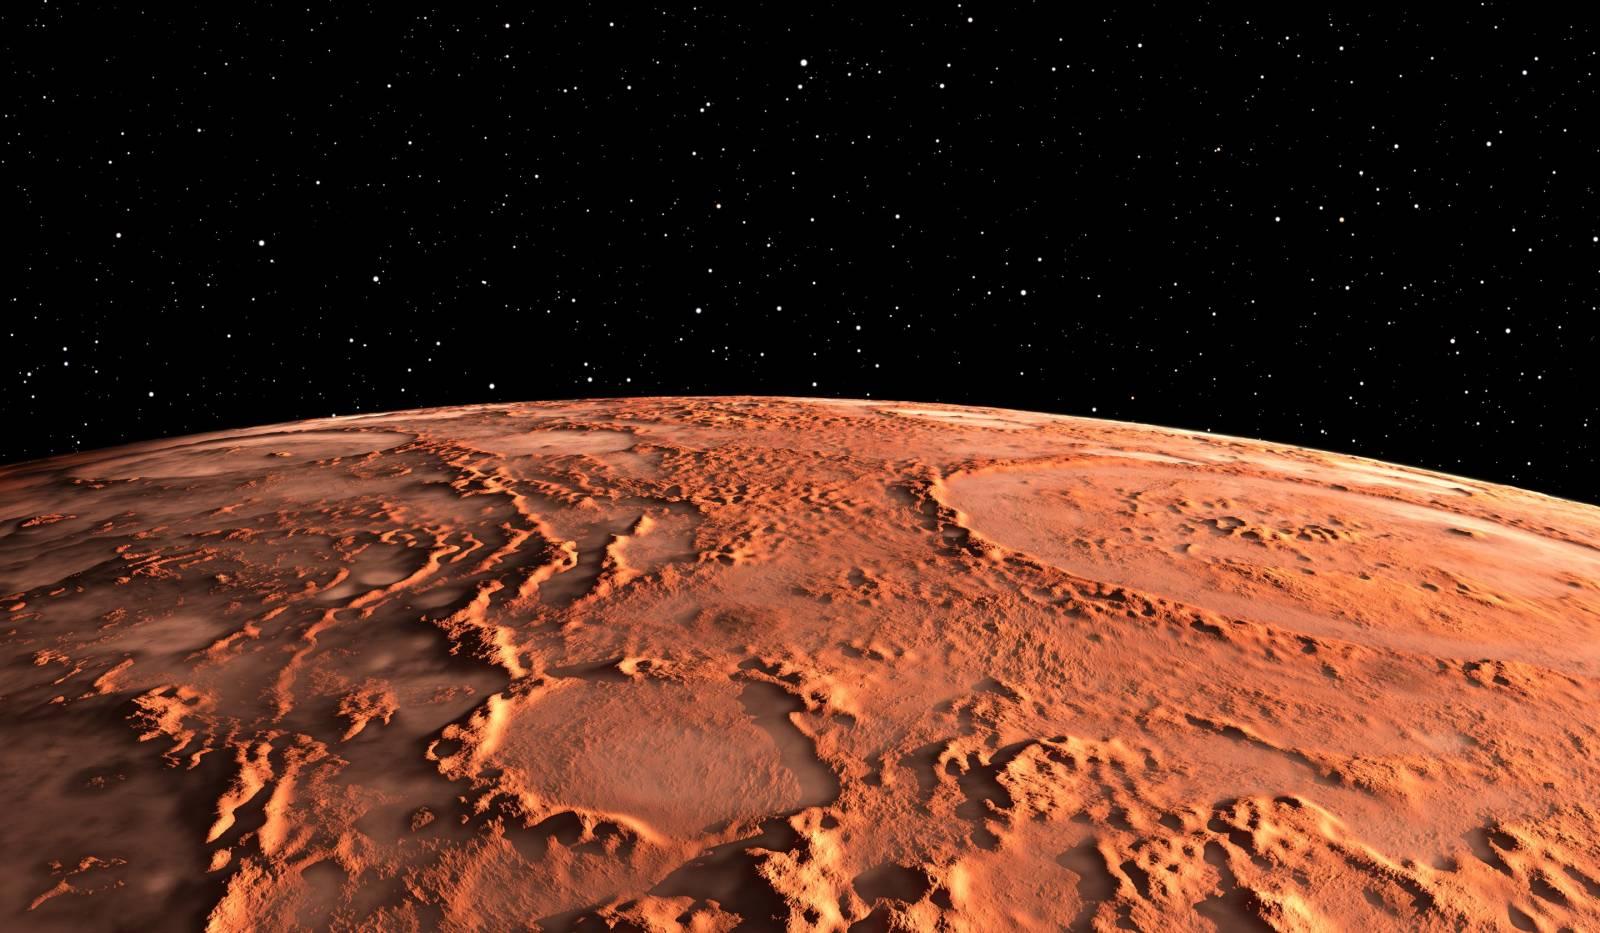 Planeta Marte. ULUITOARE Imagine de la NASA ce CUTREMURA Lumea